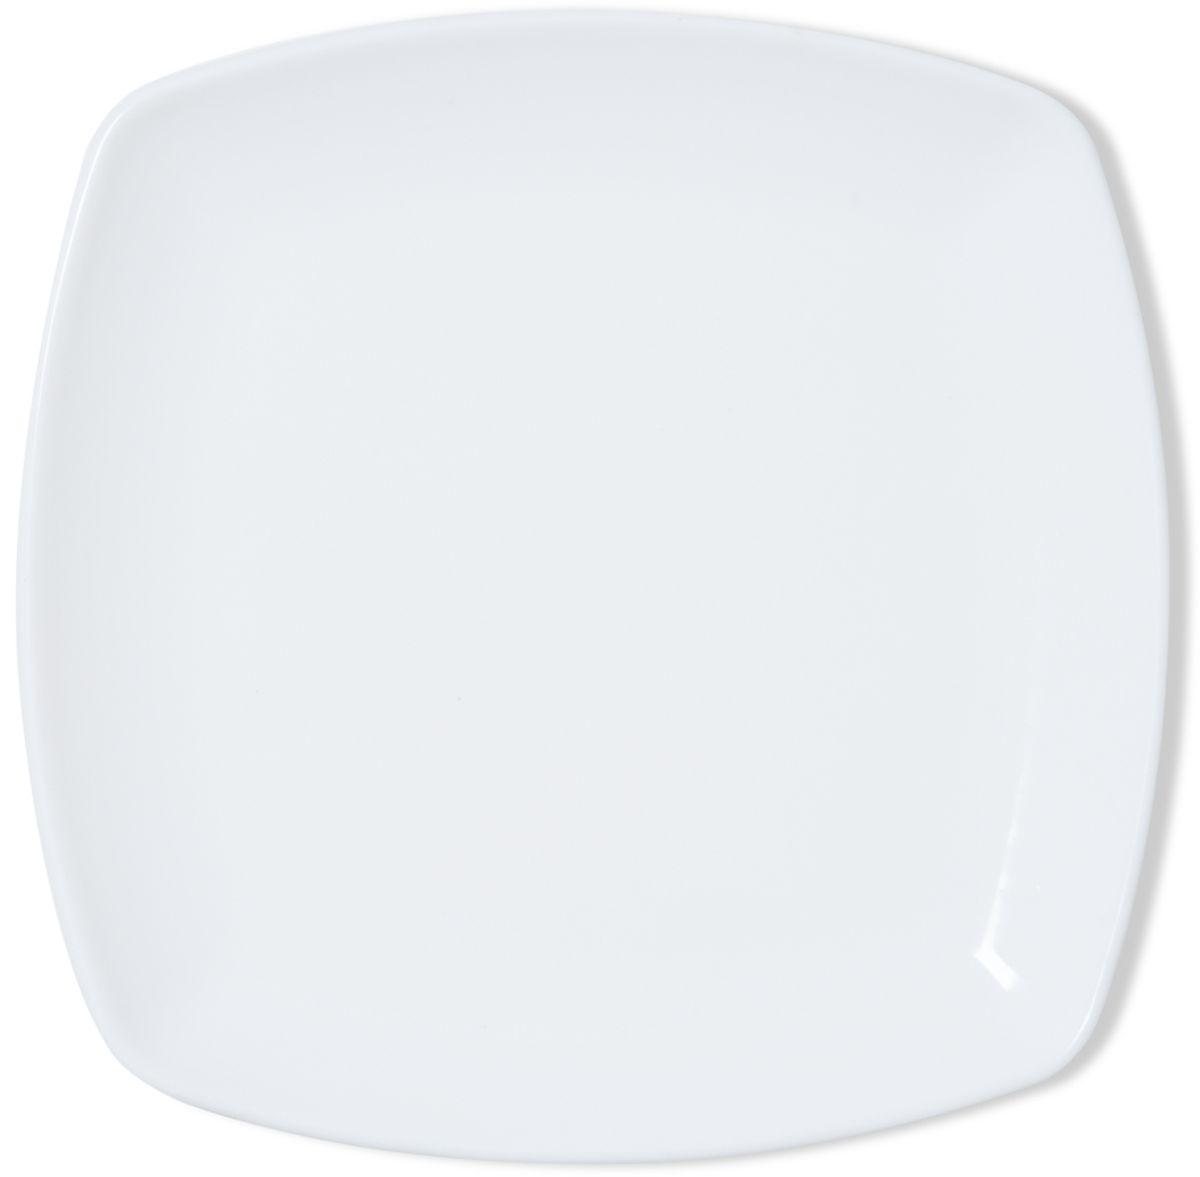 Тарелка десертная Dosh l Home Adara, квадратная, 20 x 20 смVT-1520(SR)Элегантная тарелка Dosh l Home Adara для стильной сервировки блюд и закусок. Изготовлена из высококачественного силикона белоснежного цвета. Силикон не впитывает запах и вкус продуктов, устойчив к царапинам. Подходит для микроволновой печи, холодильника. Можно мыть в посудомоечной машине. Мыть обычными моющими средствами, не использовать агрессивные вещества, металлические мочалки, острые предметы.